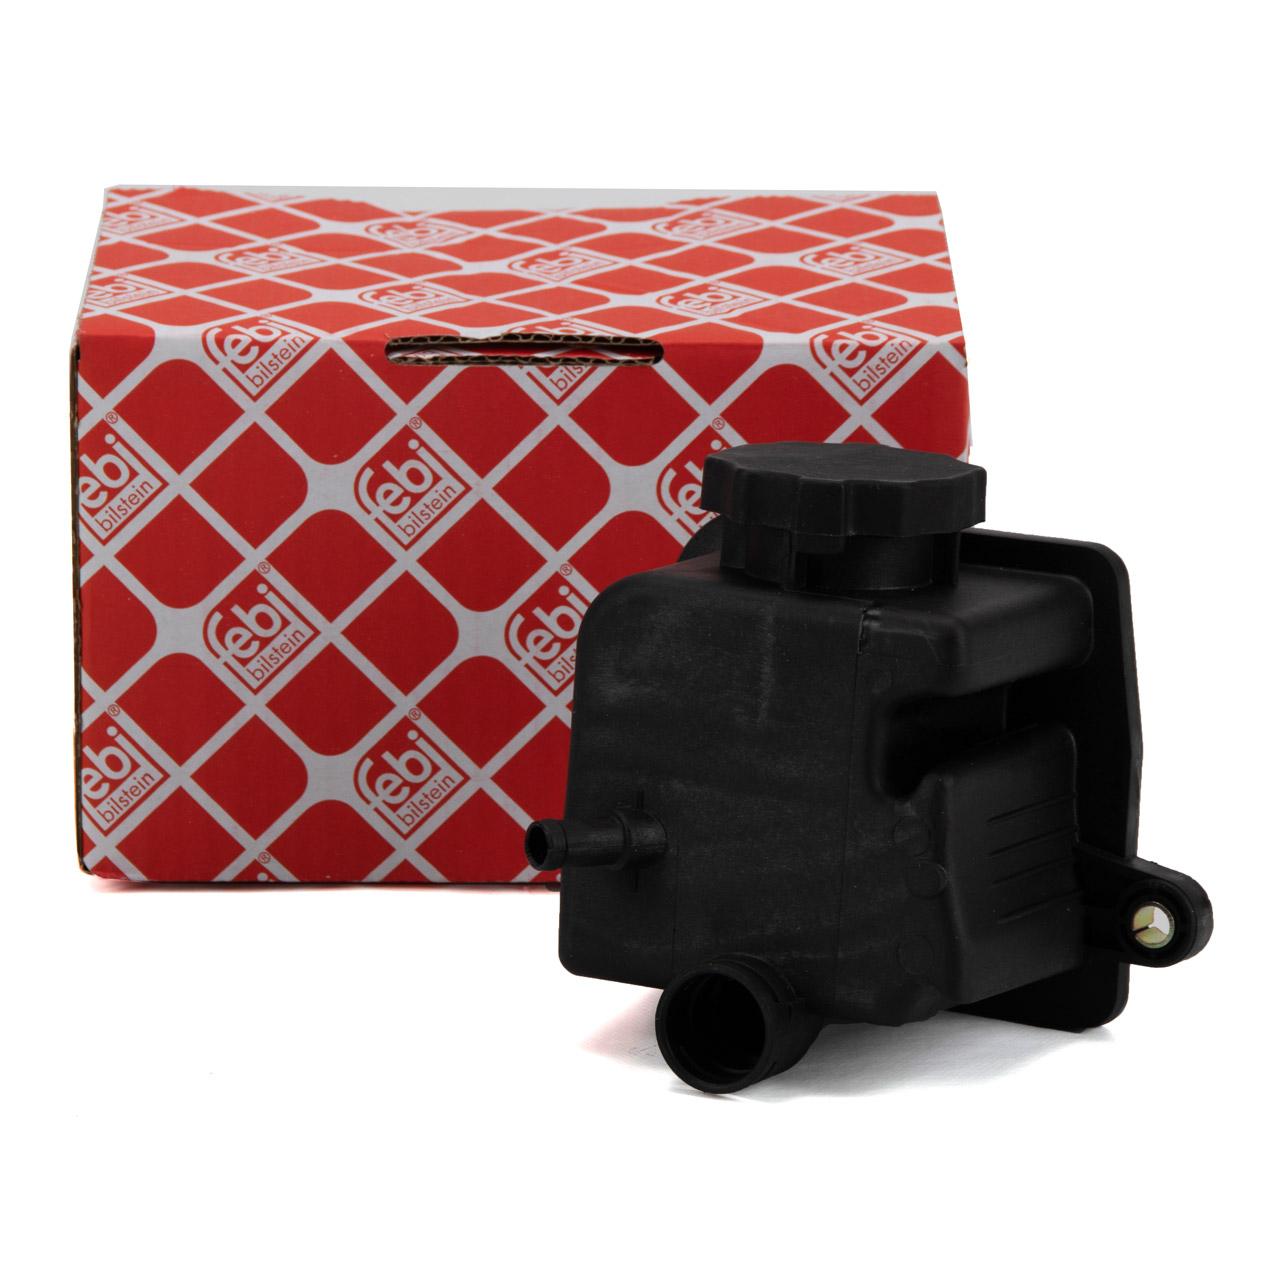 FEBI 38802 Ausgleichsbehälter Hydrauliköl MERCEDES W202 W203 W210 W211 W220 R171 W163 W164